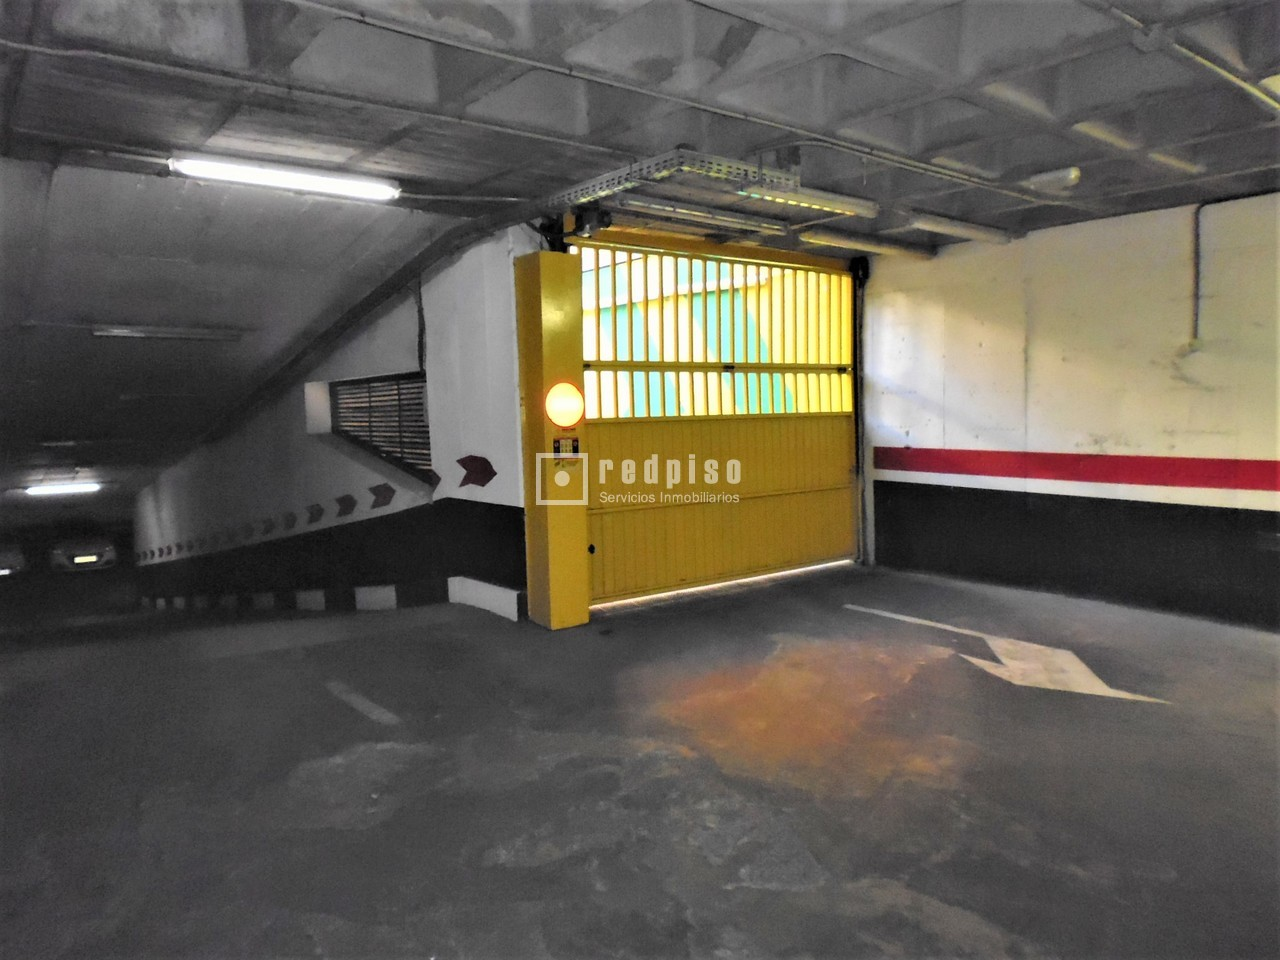 Plaza de garaje en venta en calle pilar de zaragoza for Plaza de garaje madrid